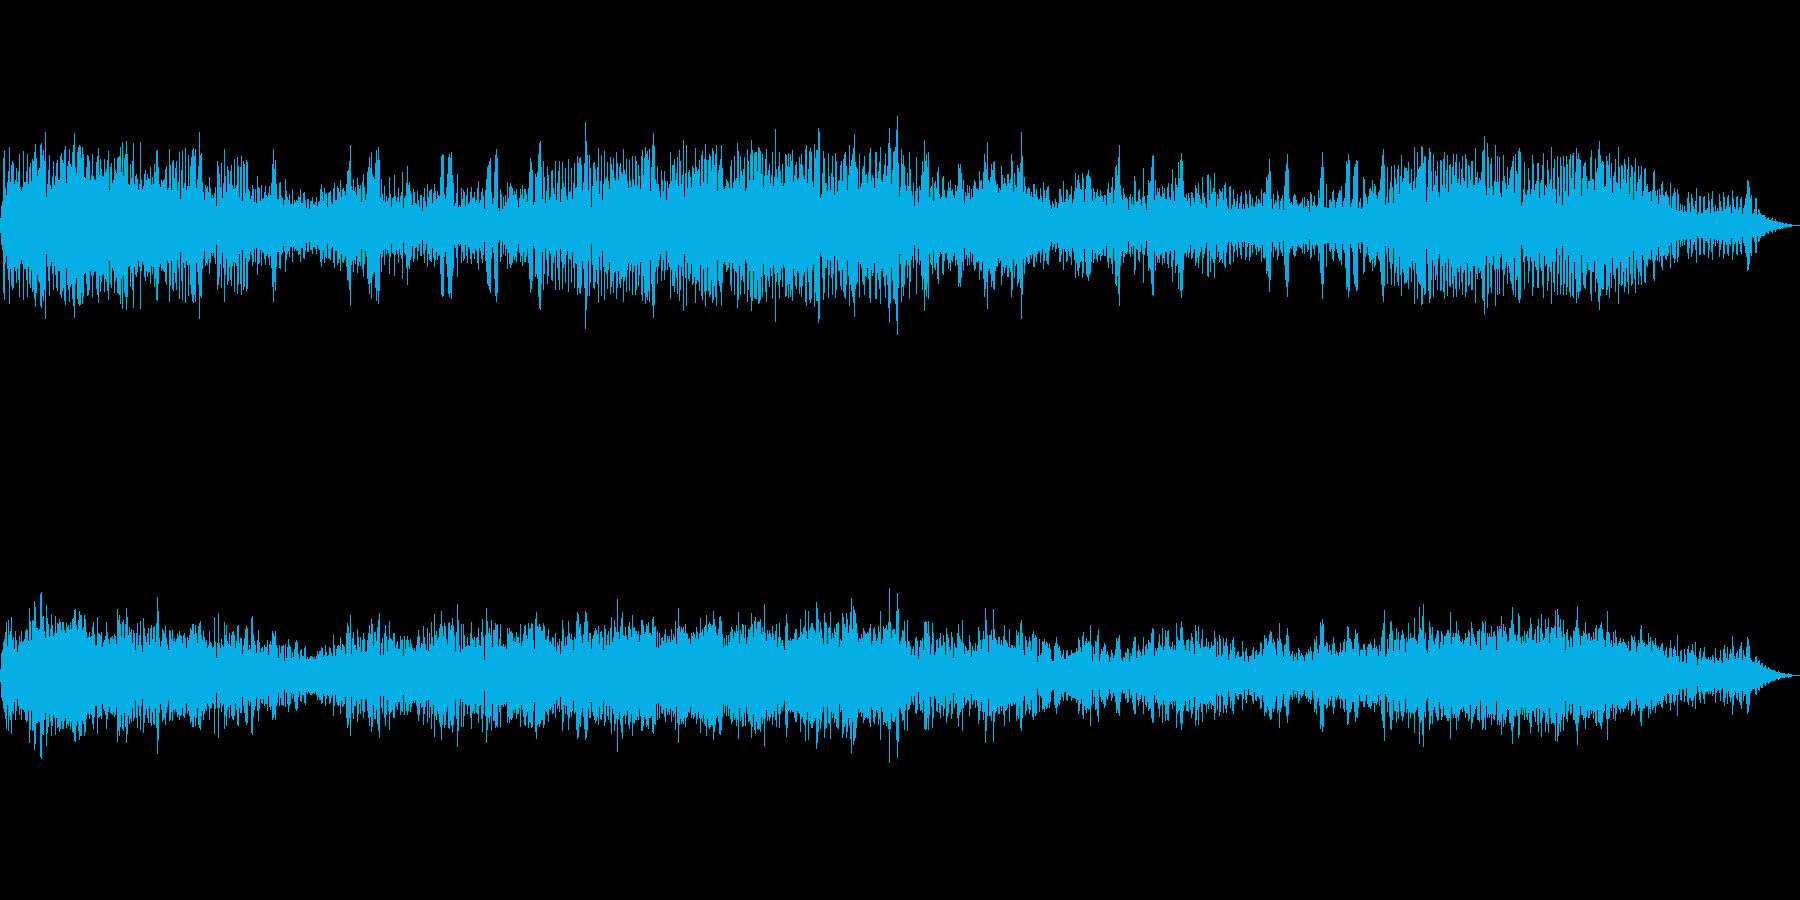 [バイノーラル録音]カエルの鳴き声-5月の再生済みの波形